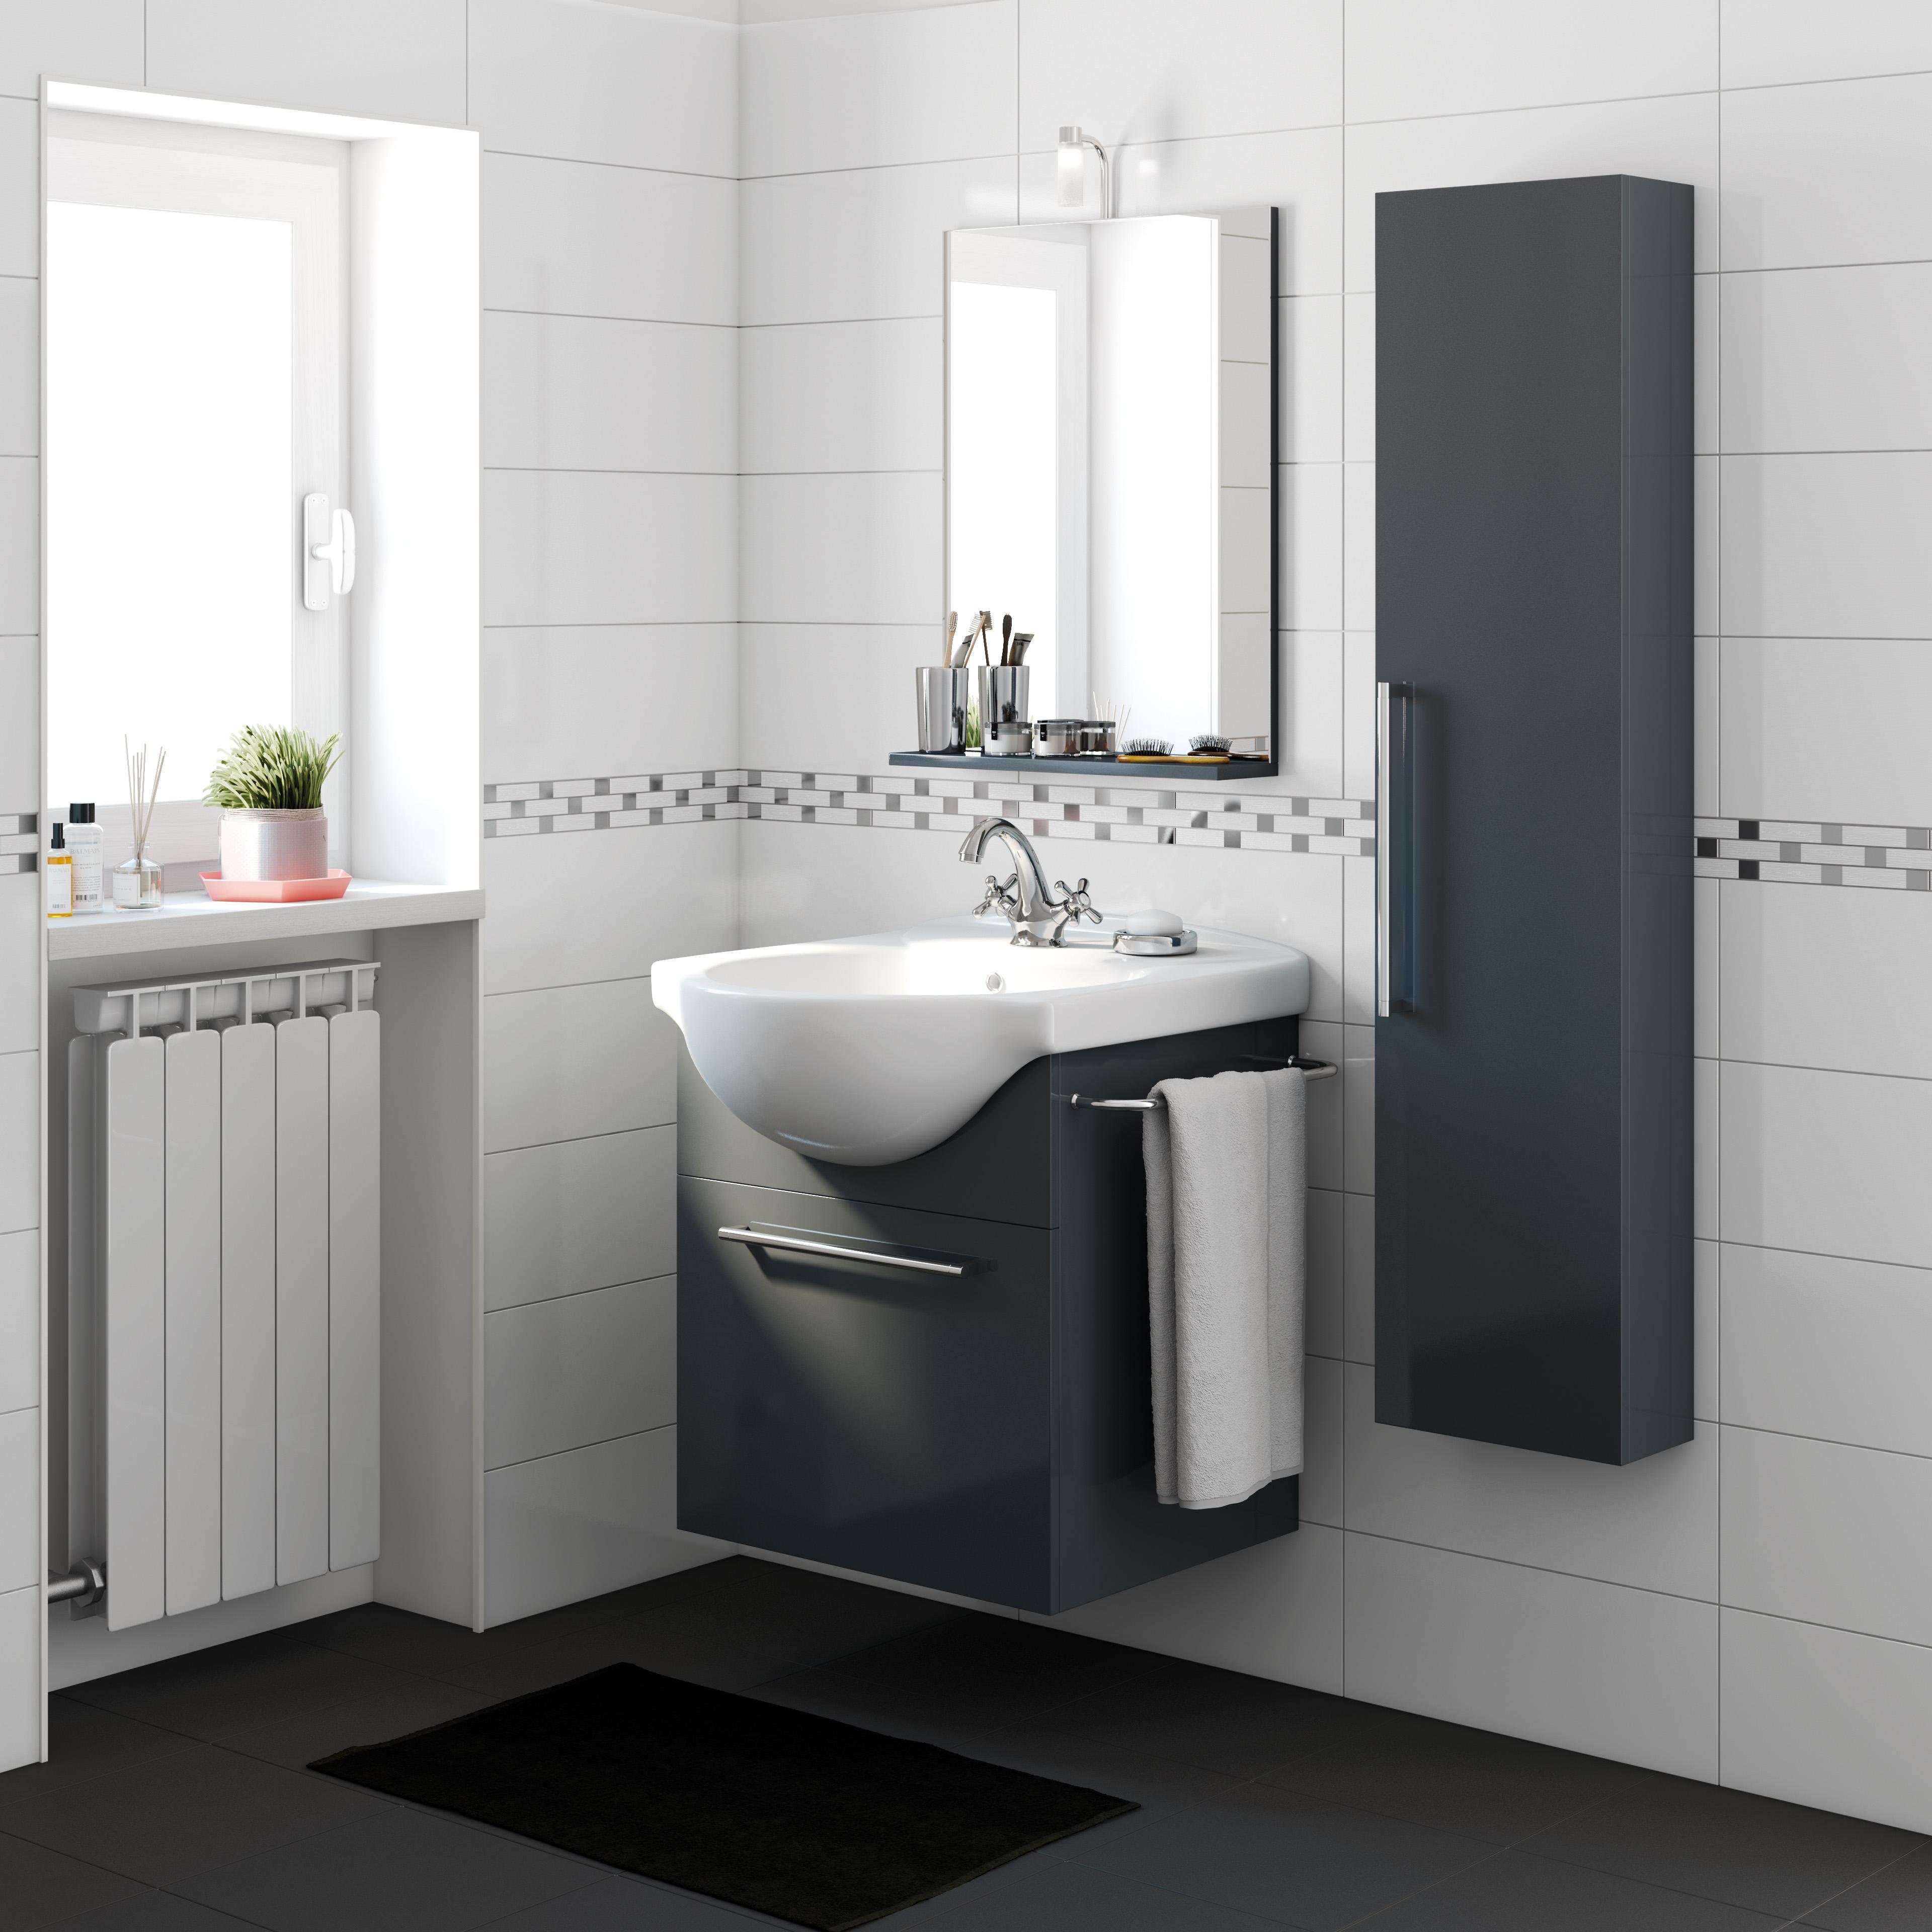 Dugdix.com  Cucina Consiglida Rispettare Ikea